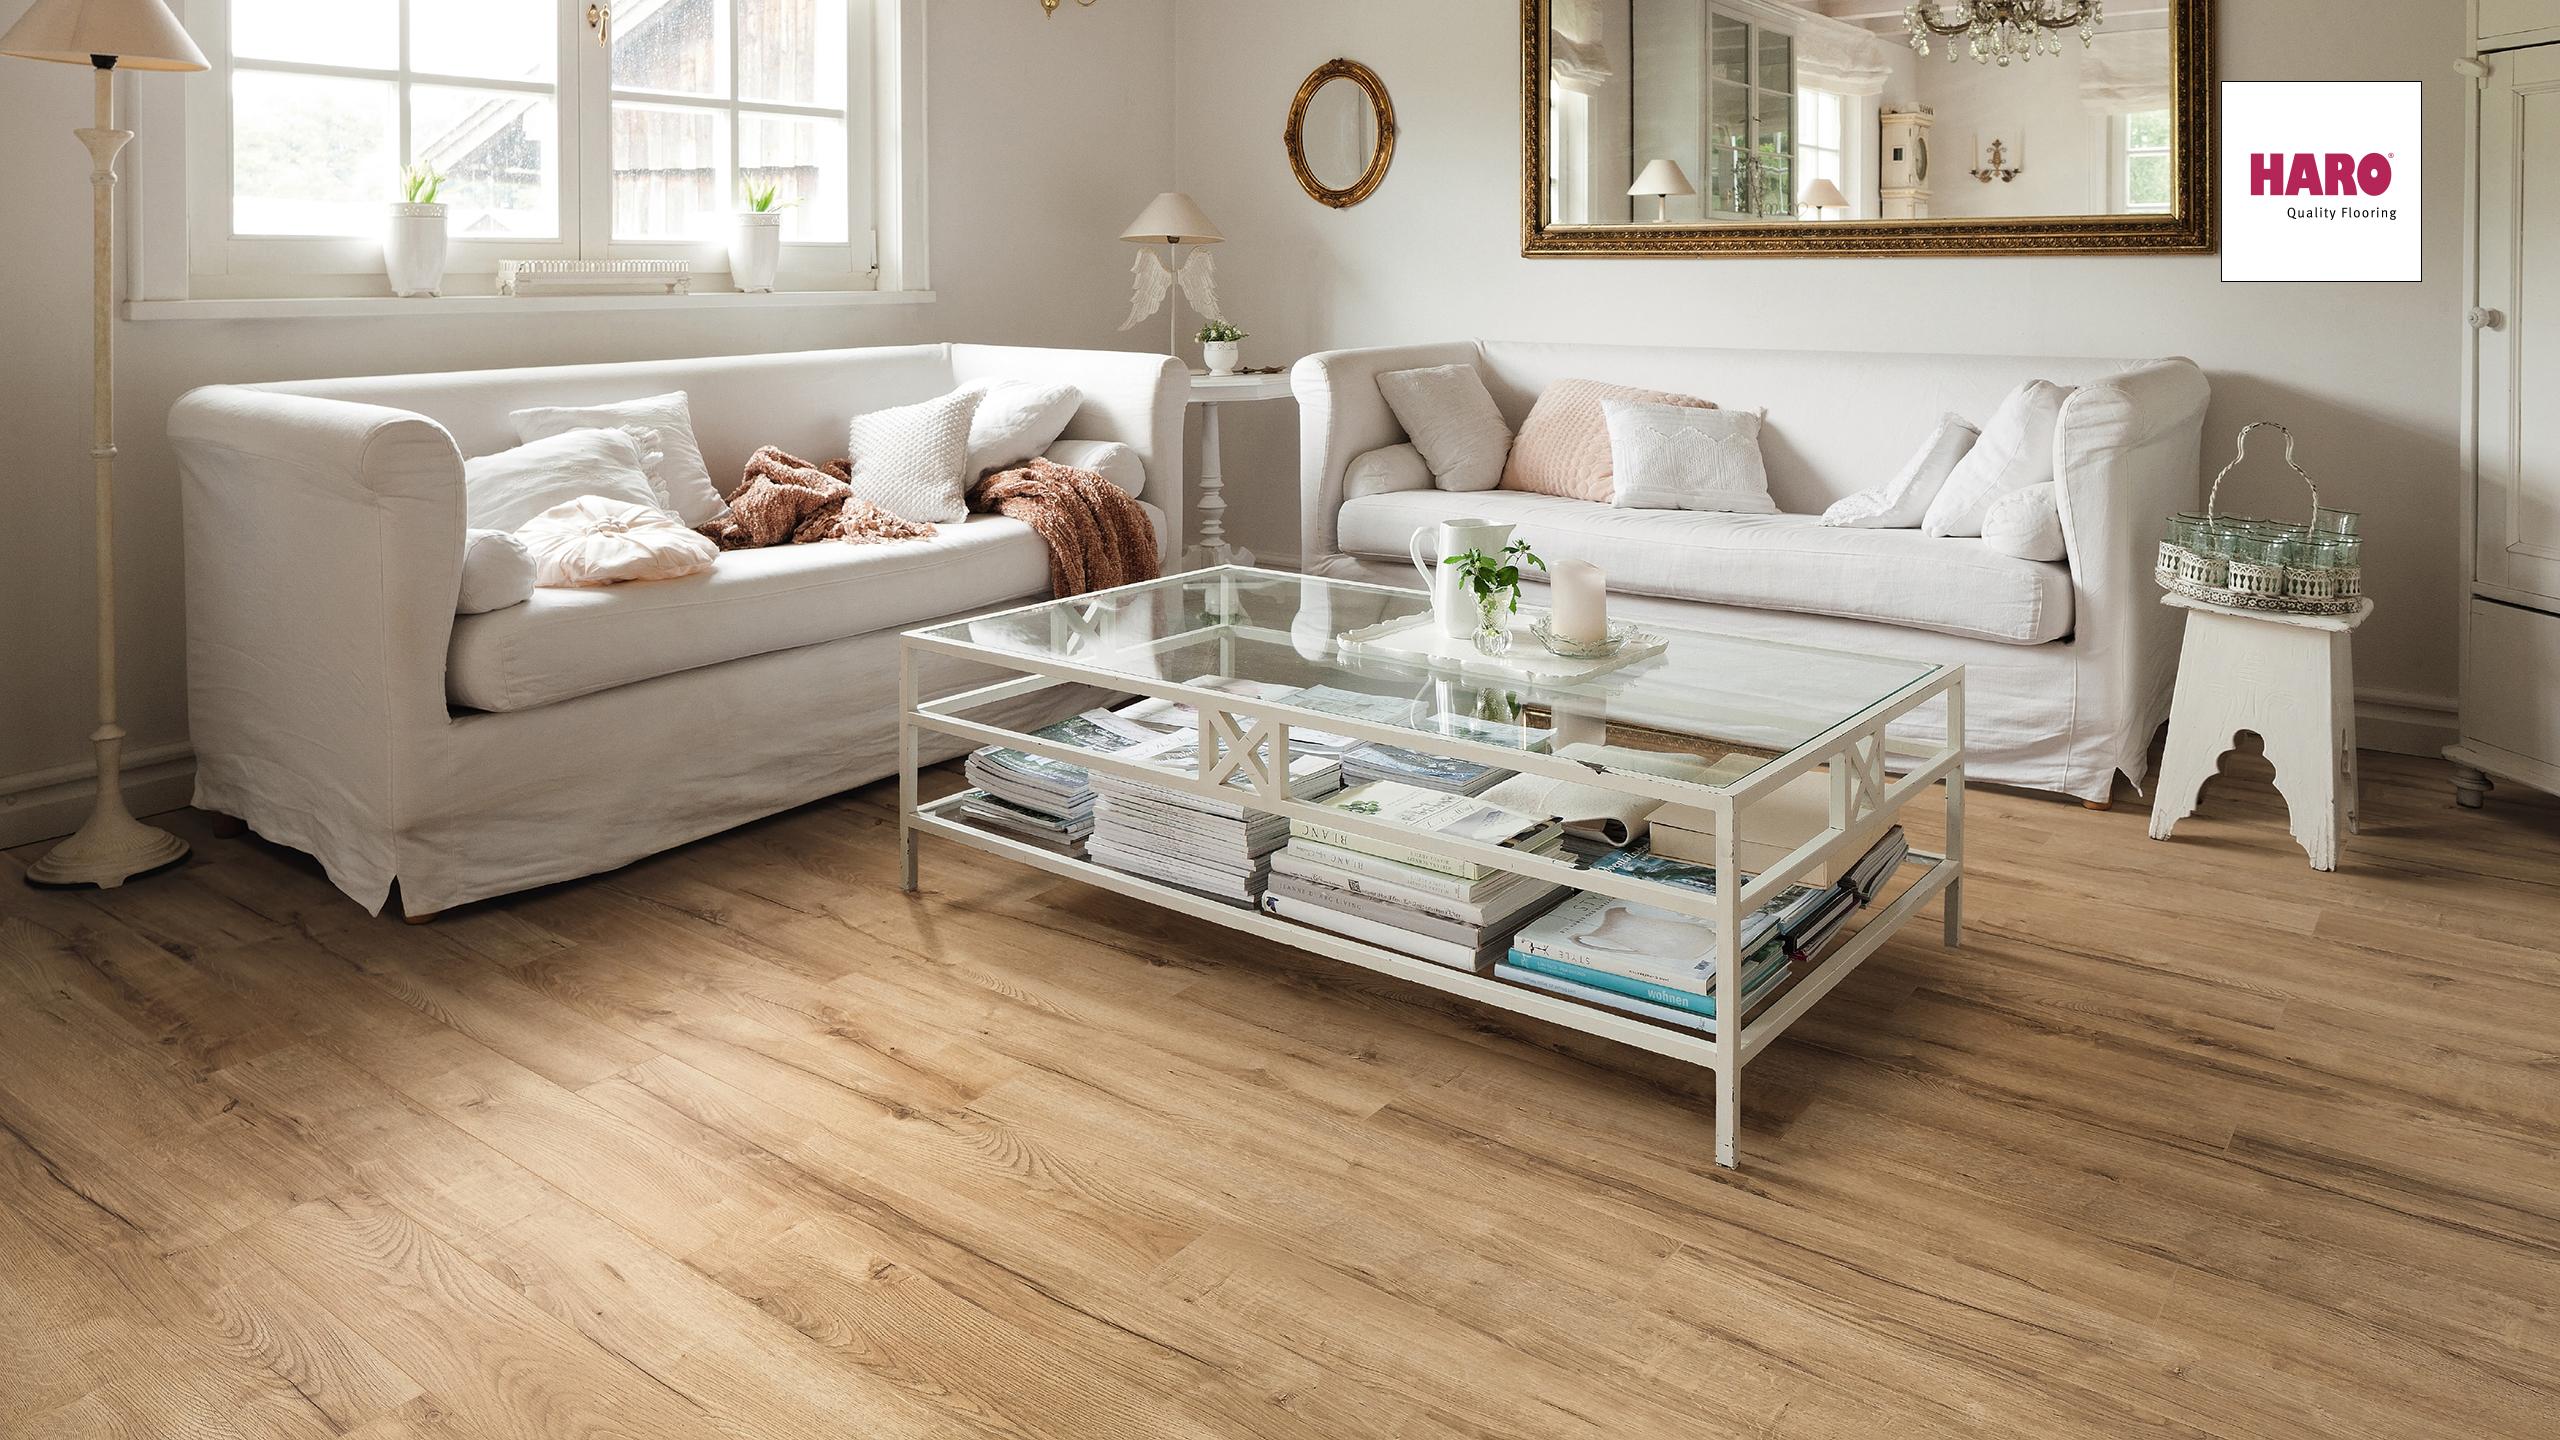 schiffsboden oder landhausdiele was bevorzugen sie. Black Bedroom Furniture Sets. Home Design Ideas